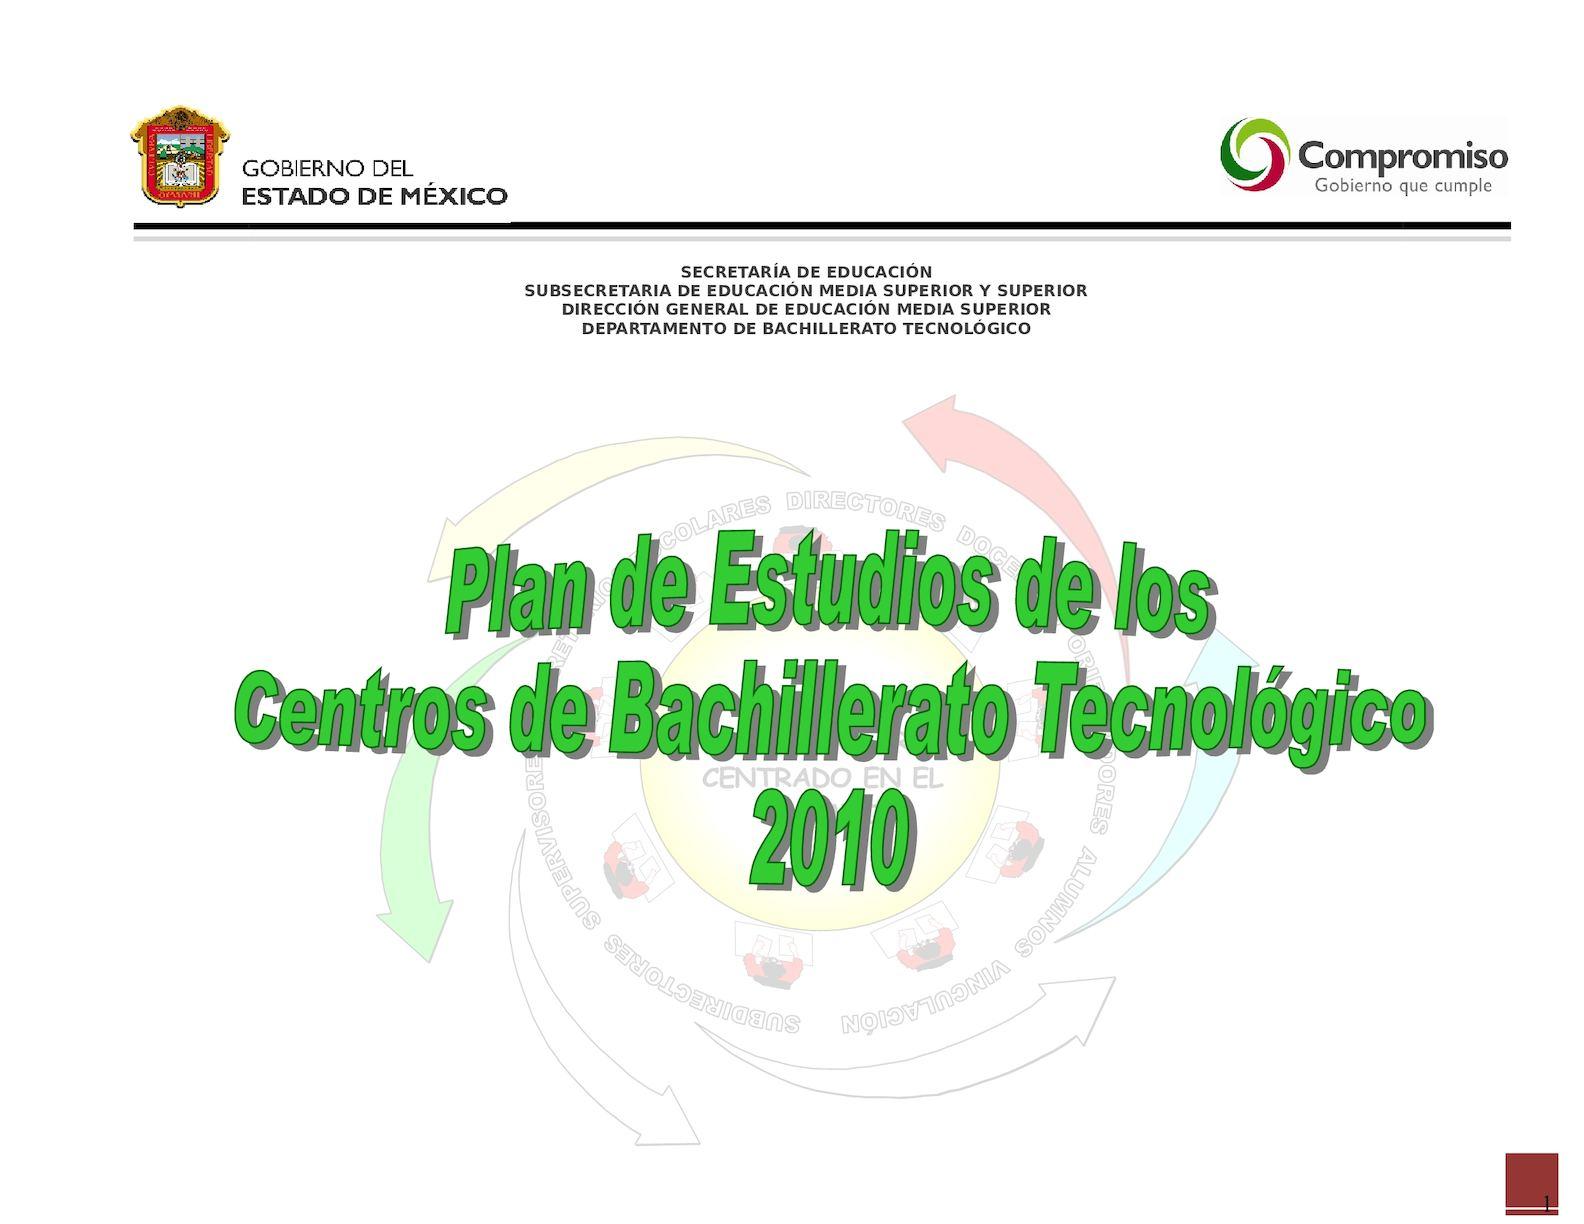 Calaméo - PLANES Y PROGRAMAS DE ESTUDIO DE BACHILLERATO TECNOLOGICO